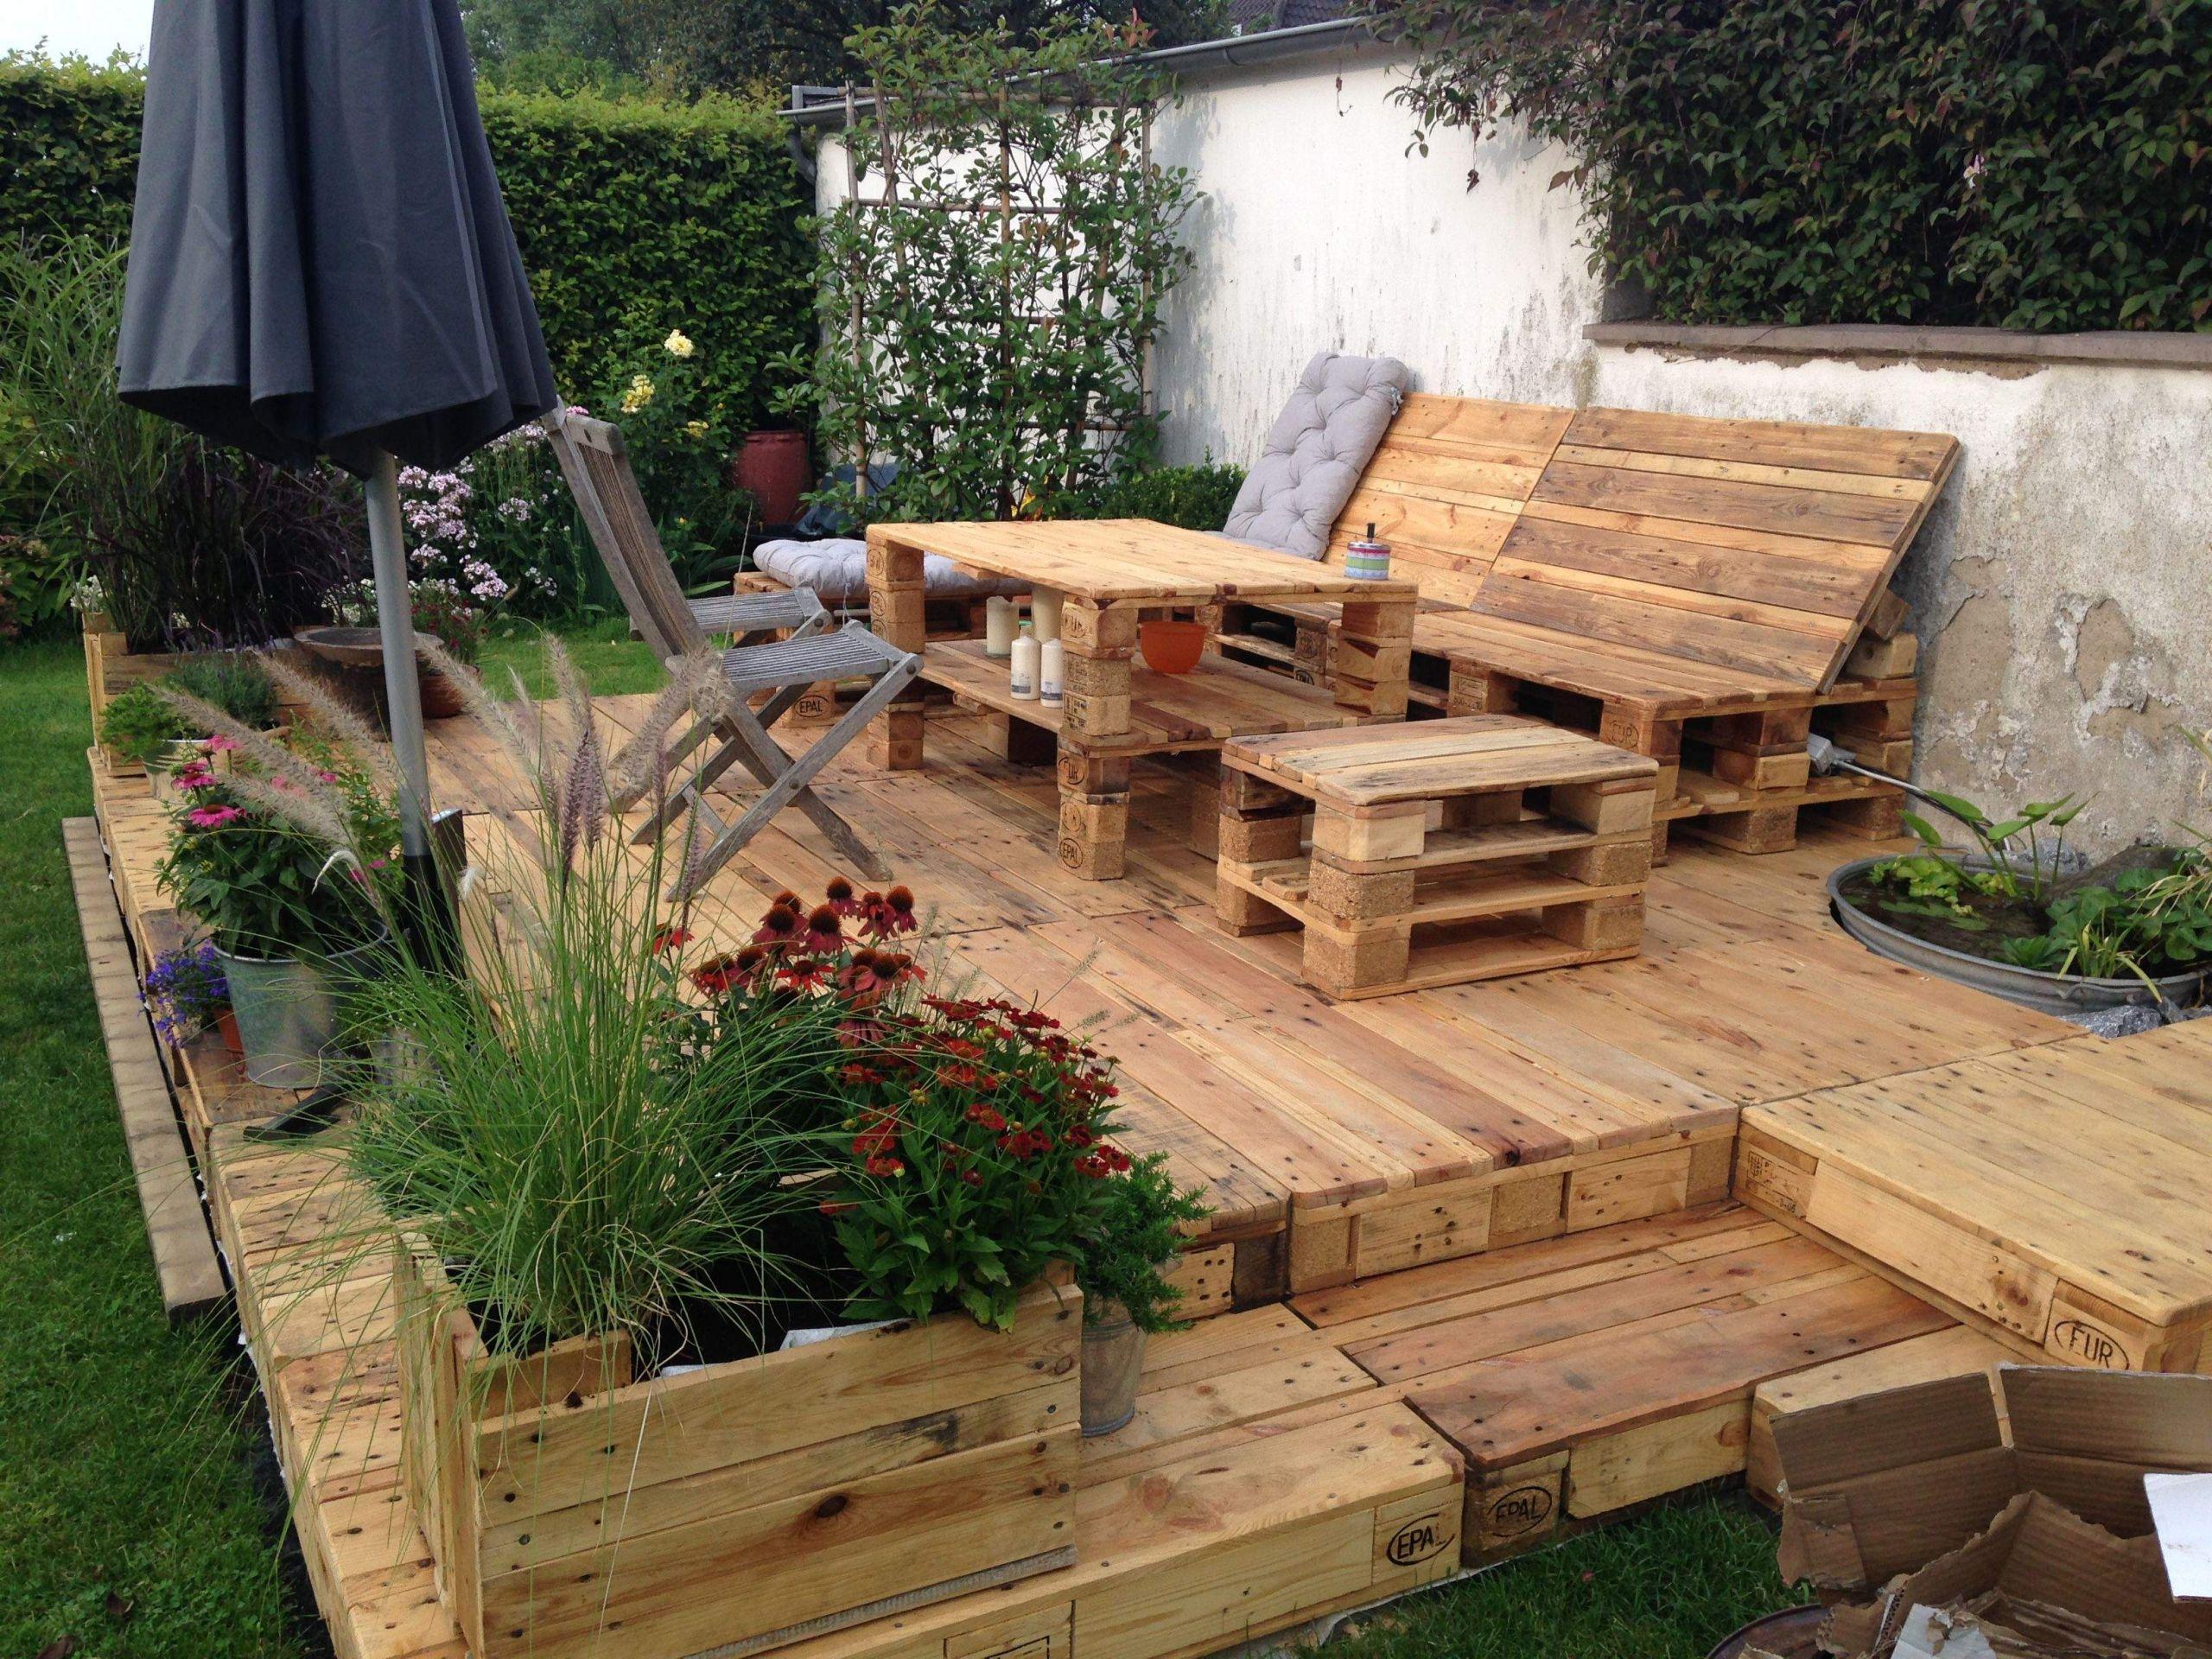 39 Reizend Paletten Ideen Garten Das Beste Von Garten Anlegen